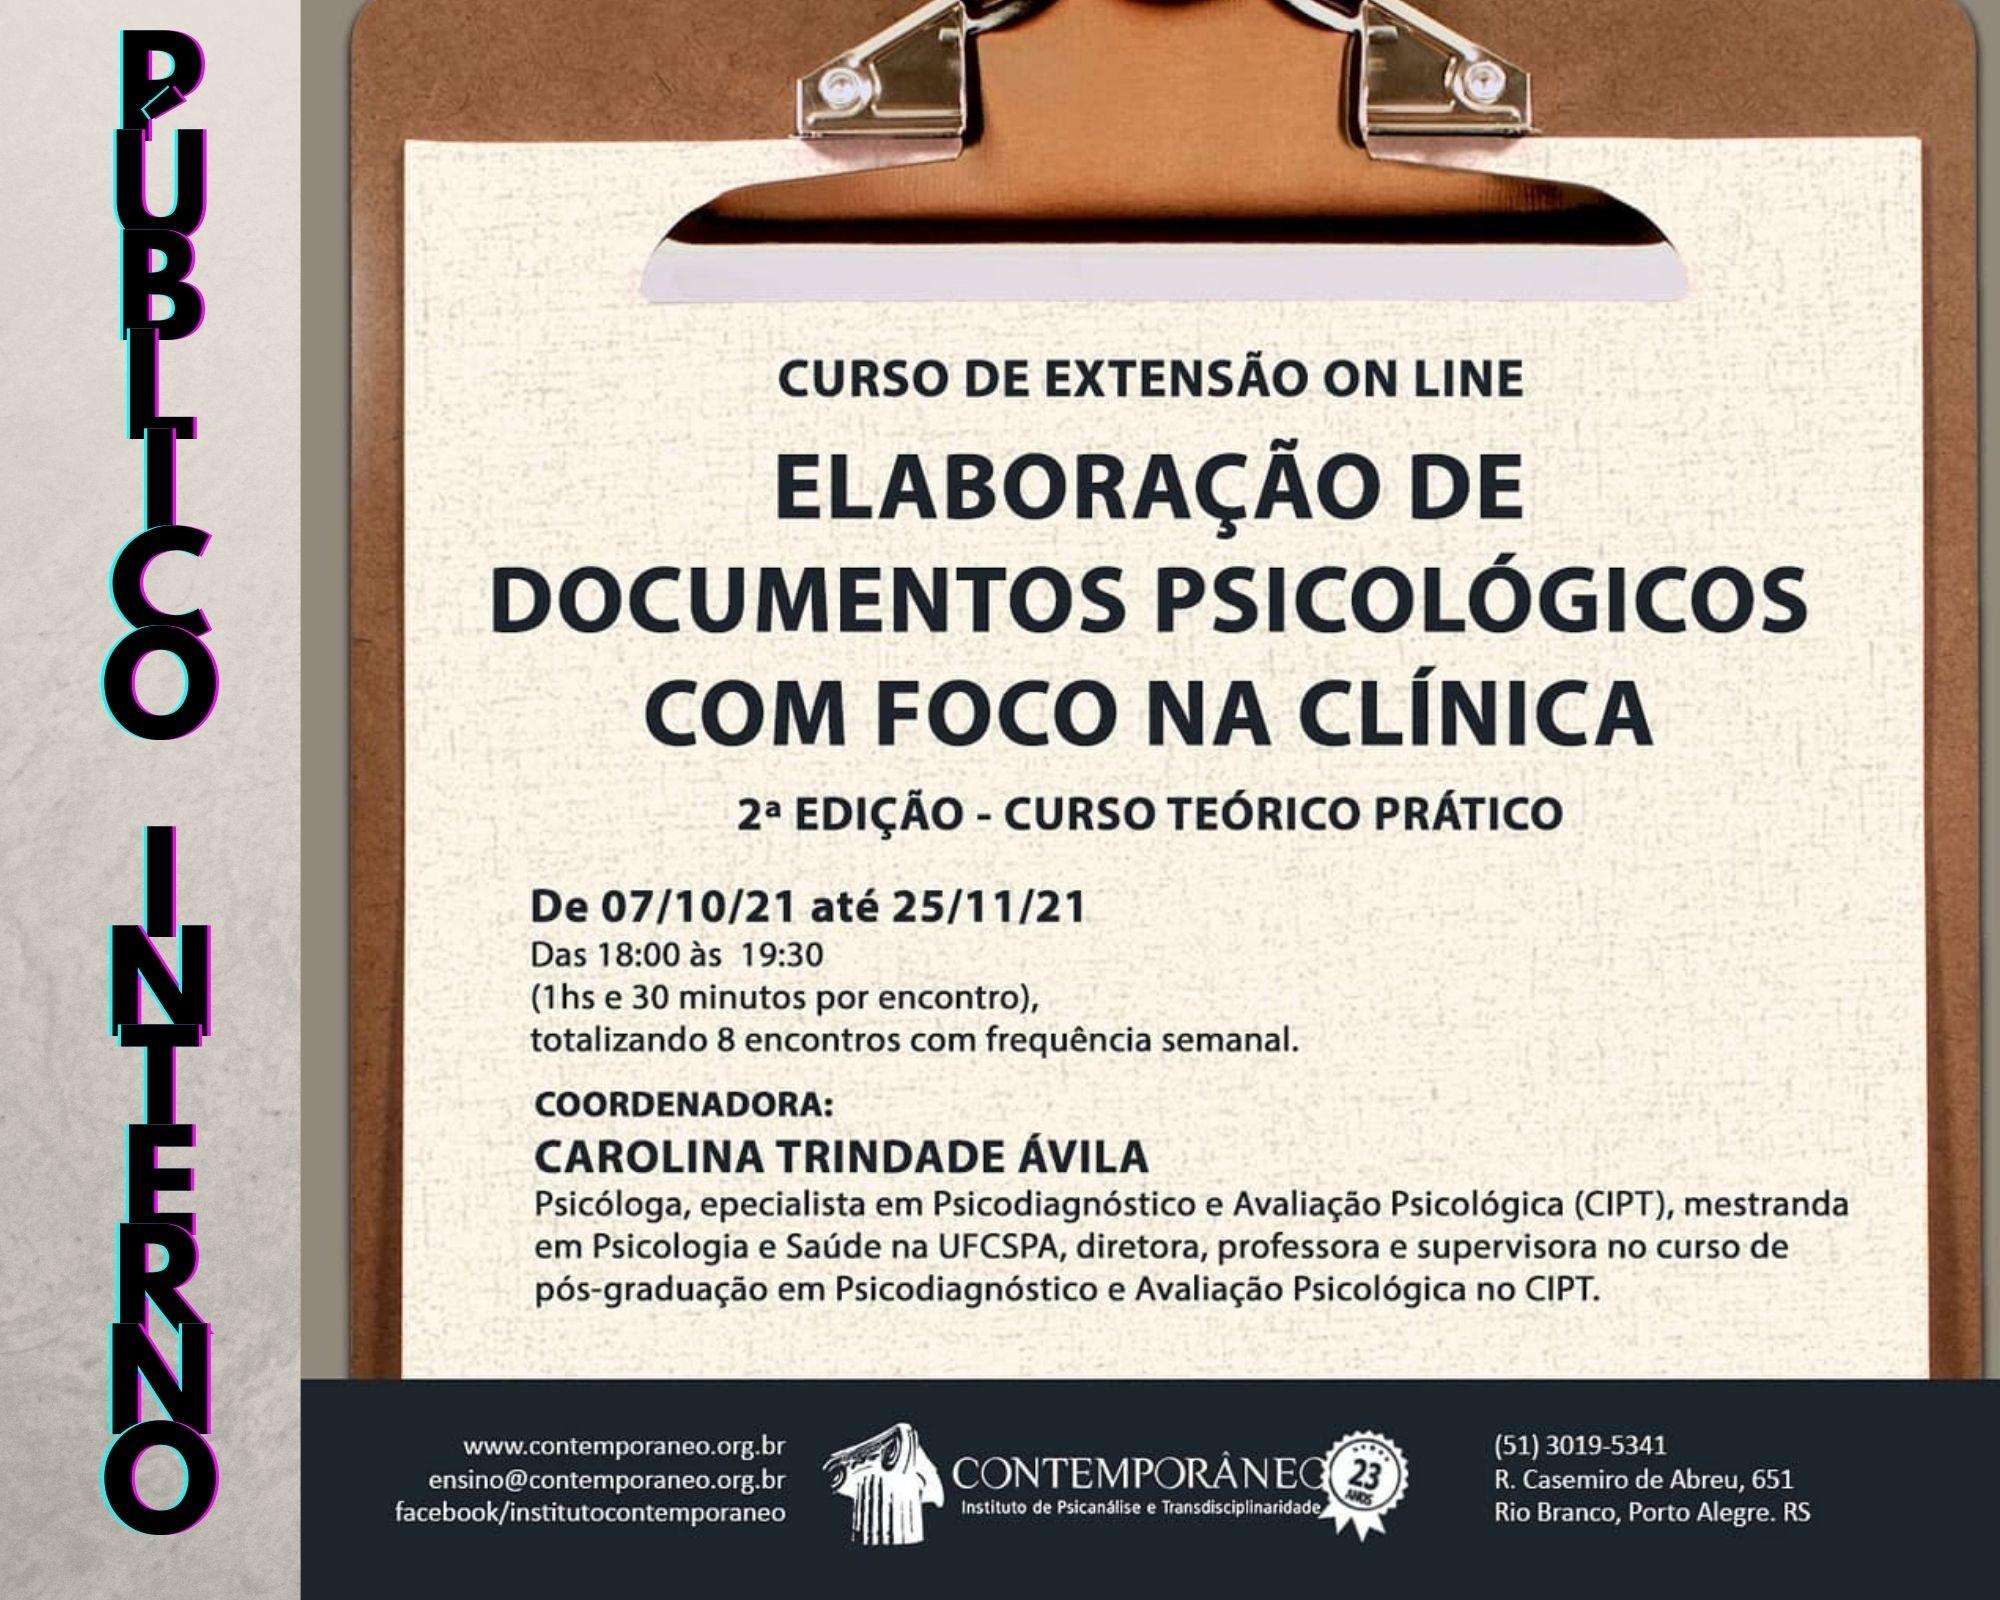 Curso para Elaboração de Documentos Psicológicos com Foco na Clínica - Público Interno